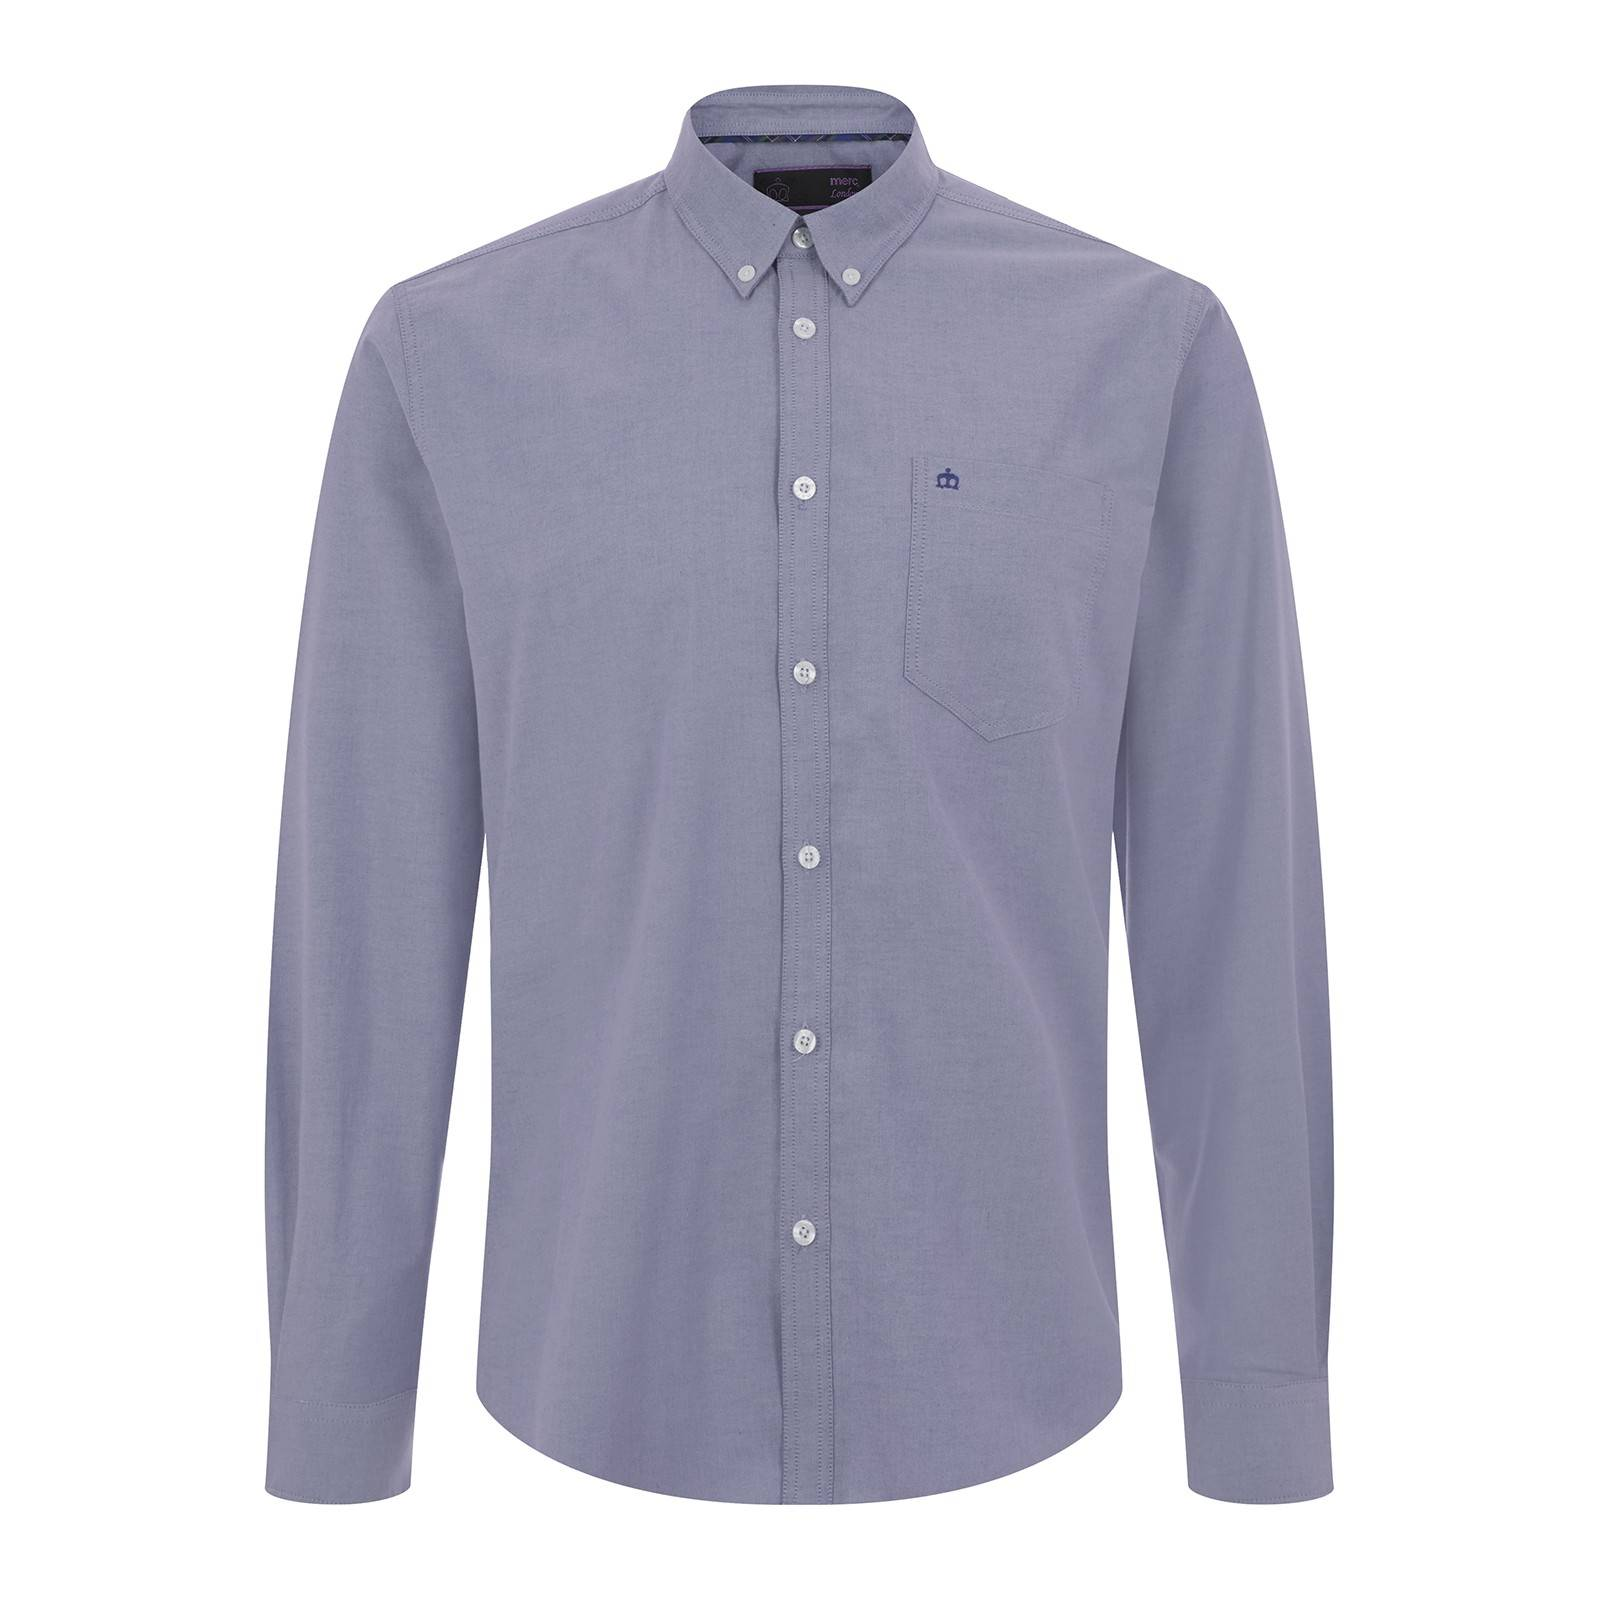 Рубашка OvalКлассические<br>Классическая, приталенного покроя мужская рубашка, изготовленная из легкой, плотной и мягкой на ощупь рубашечной ткани Оксфорд, характерным признаком которой является текстурная поверхность, состоящая из мельчайших, расположенных в шахматном порядке белых квадратов,  — такой эффект достигается путем использования мелкоузорчатого ткацкого переплетения «рогожка».  Этот комфортный, благородный и дышащий материал в конце XIX века стал использоваться в Англии для пошива спортивных рубашек, которые носили игроки в поло, а полвека спустя подобные сорочки стали частью гардероба университетской Лиги Плюща – основоположнице преппи стиля. Традиционный для рубашек Оксфорд button-down воротник на пуговицах позволяет красиво комбинировать эту универсальную модель с V-образным трикотажем и кардиганами. Её также можно носить с костюмом, джинсами и Харрингтоном. Брендирована фирменным логотипом Корона на нагрудном кармане.<br><br>Артикул: 1516113<br>Материал: 65% полиэстер, 35% хлопок<br>Цвет: темный голубой<br>Пол: Мужской